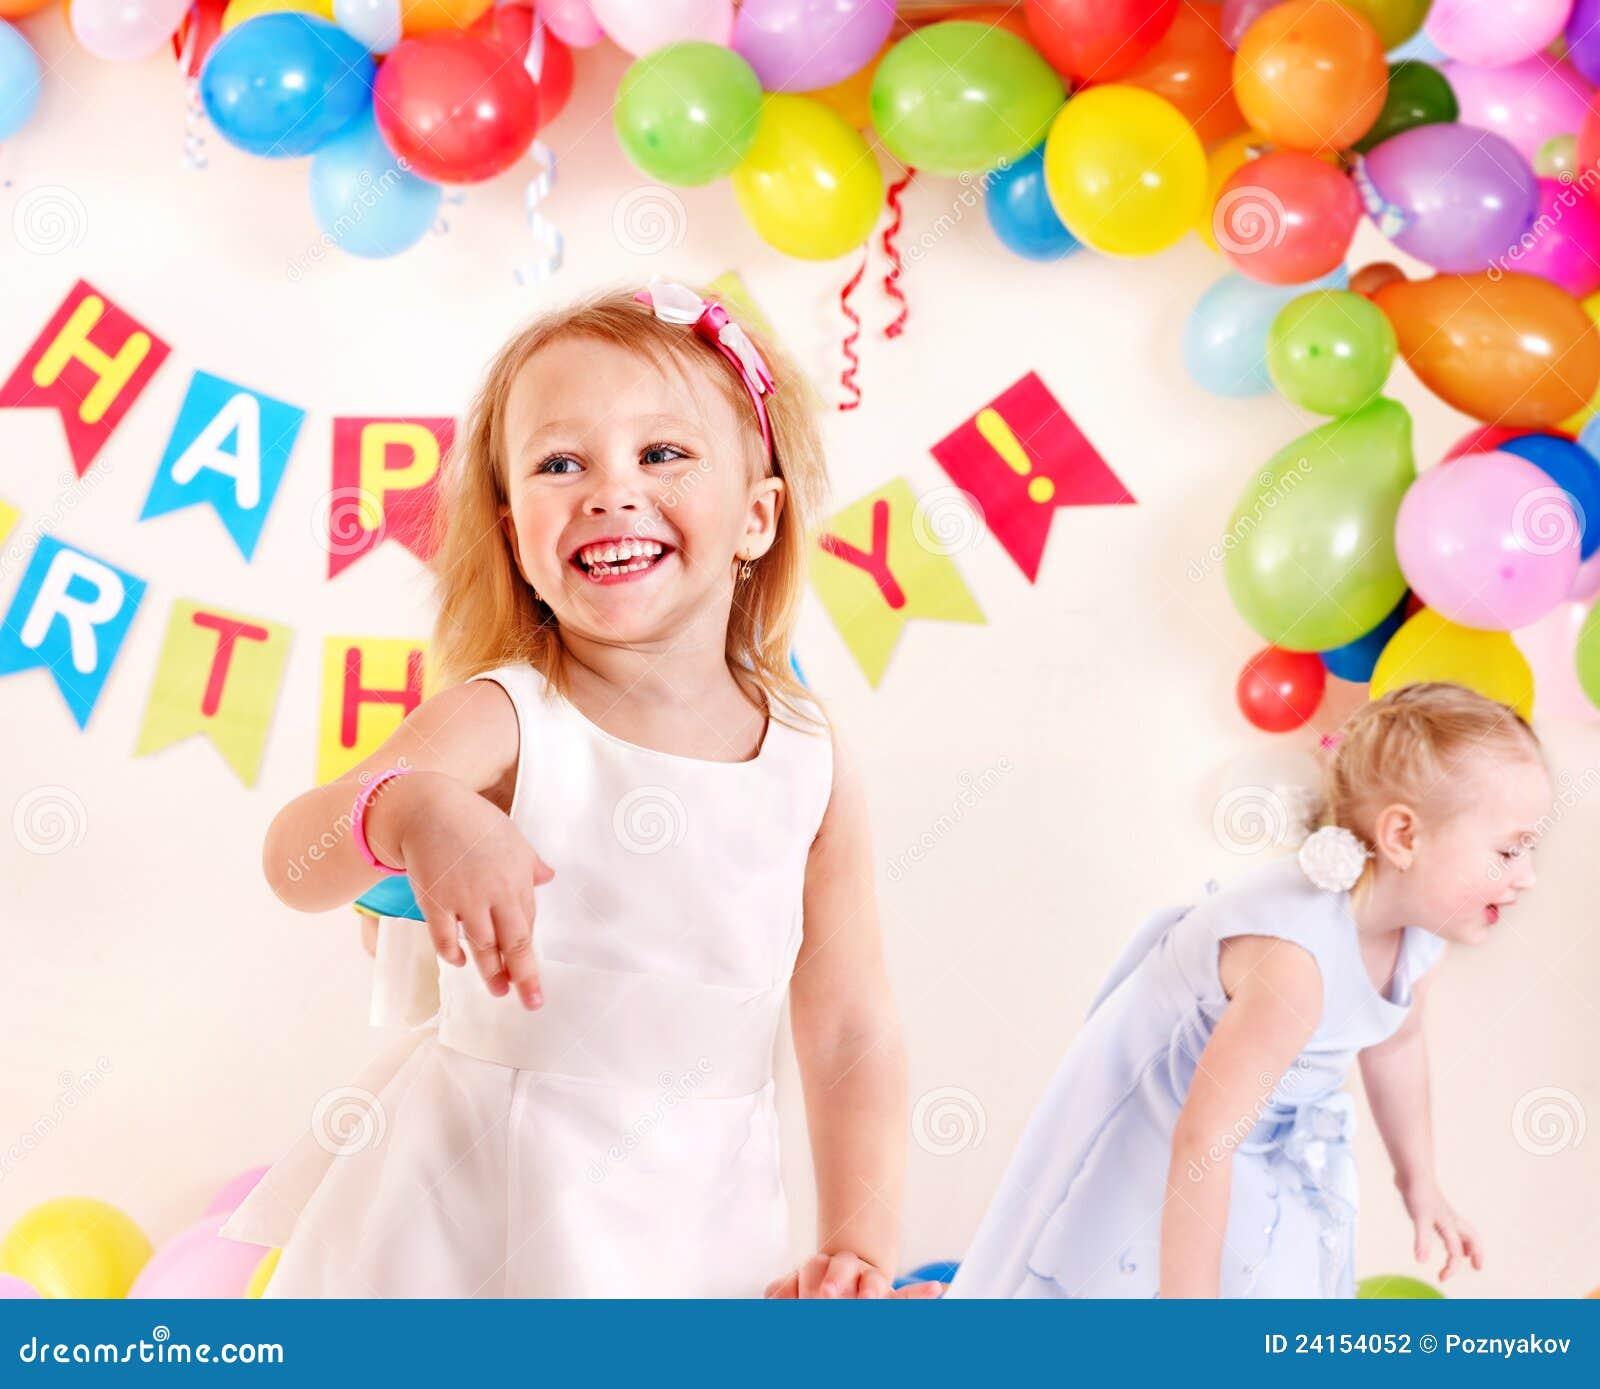 Festa di compleanno del bambino con la ragazza.